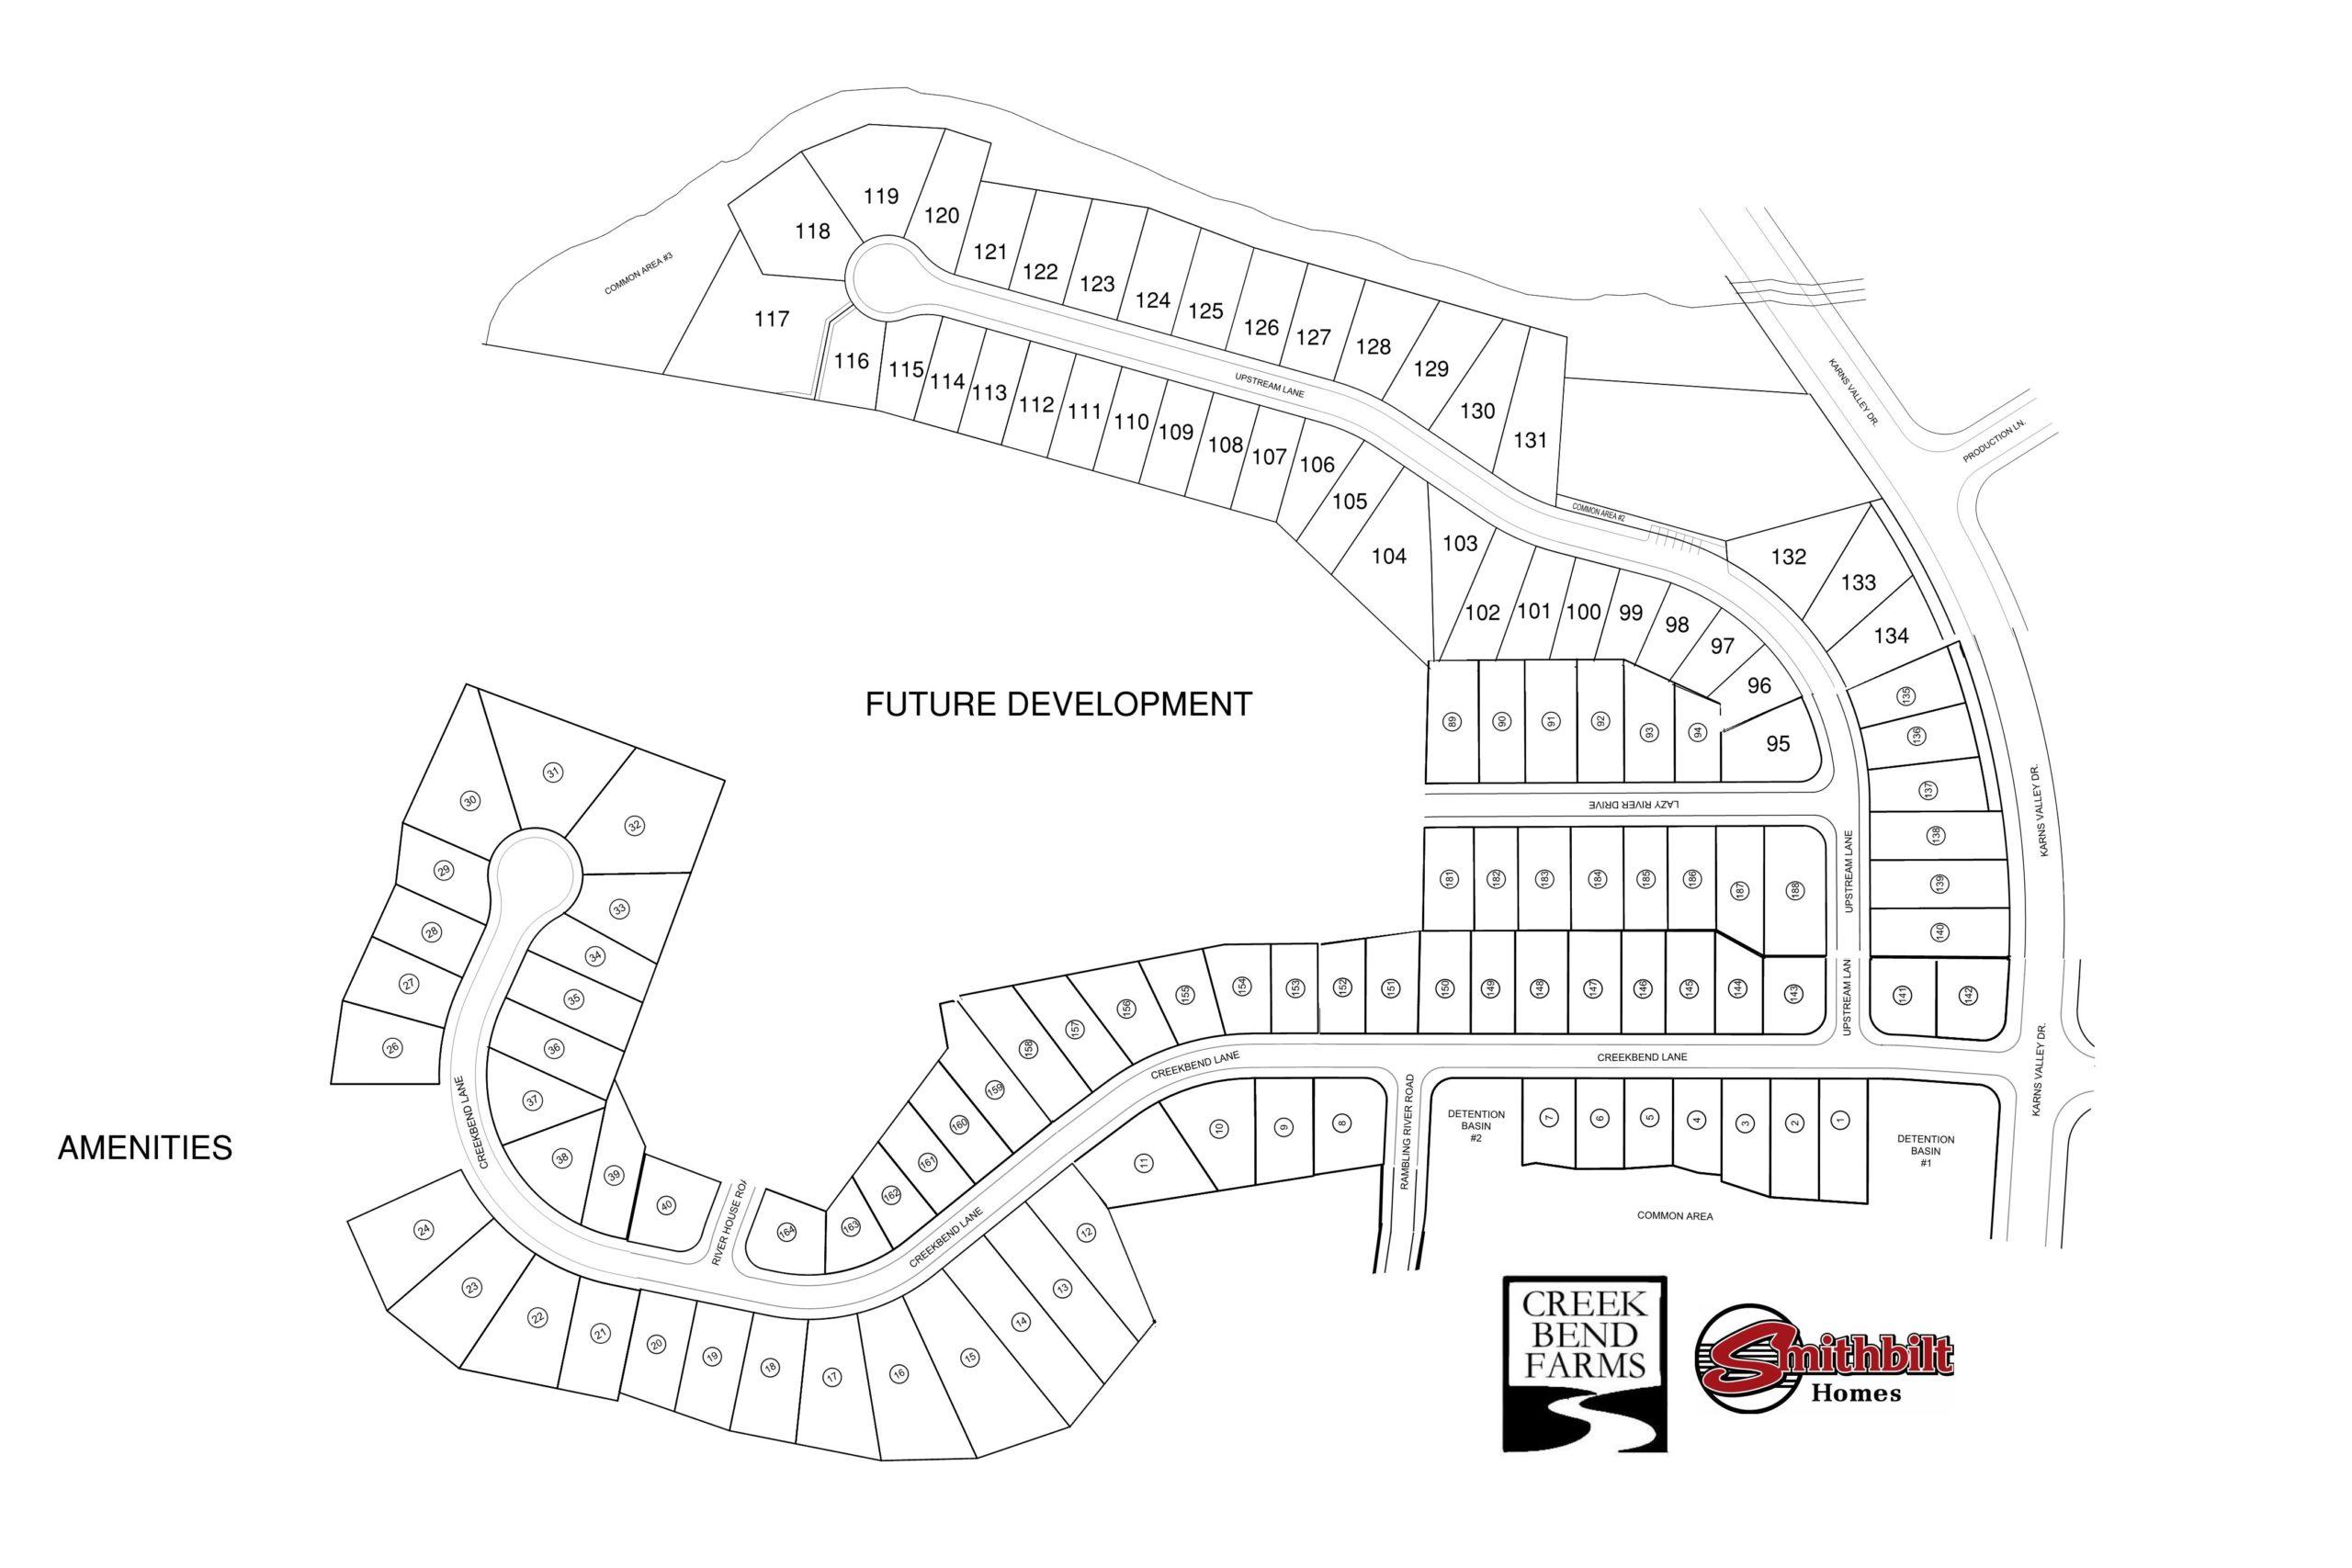 Creek Bend Farms  Sales map